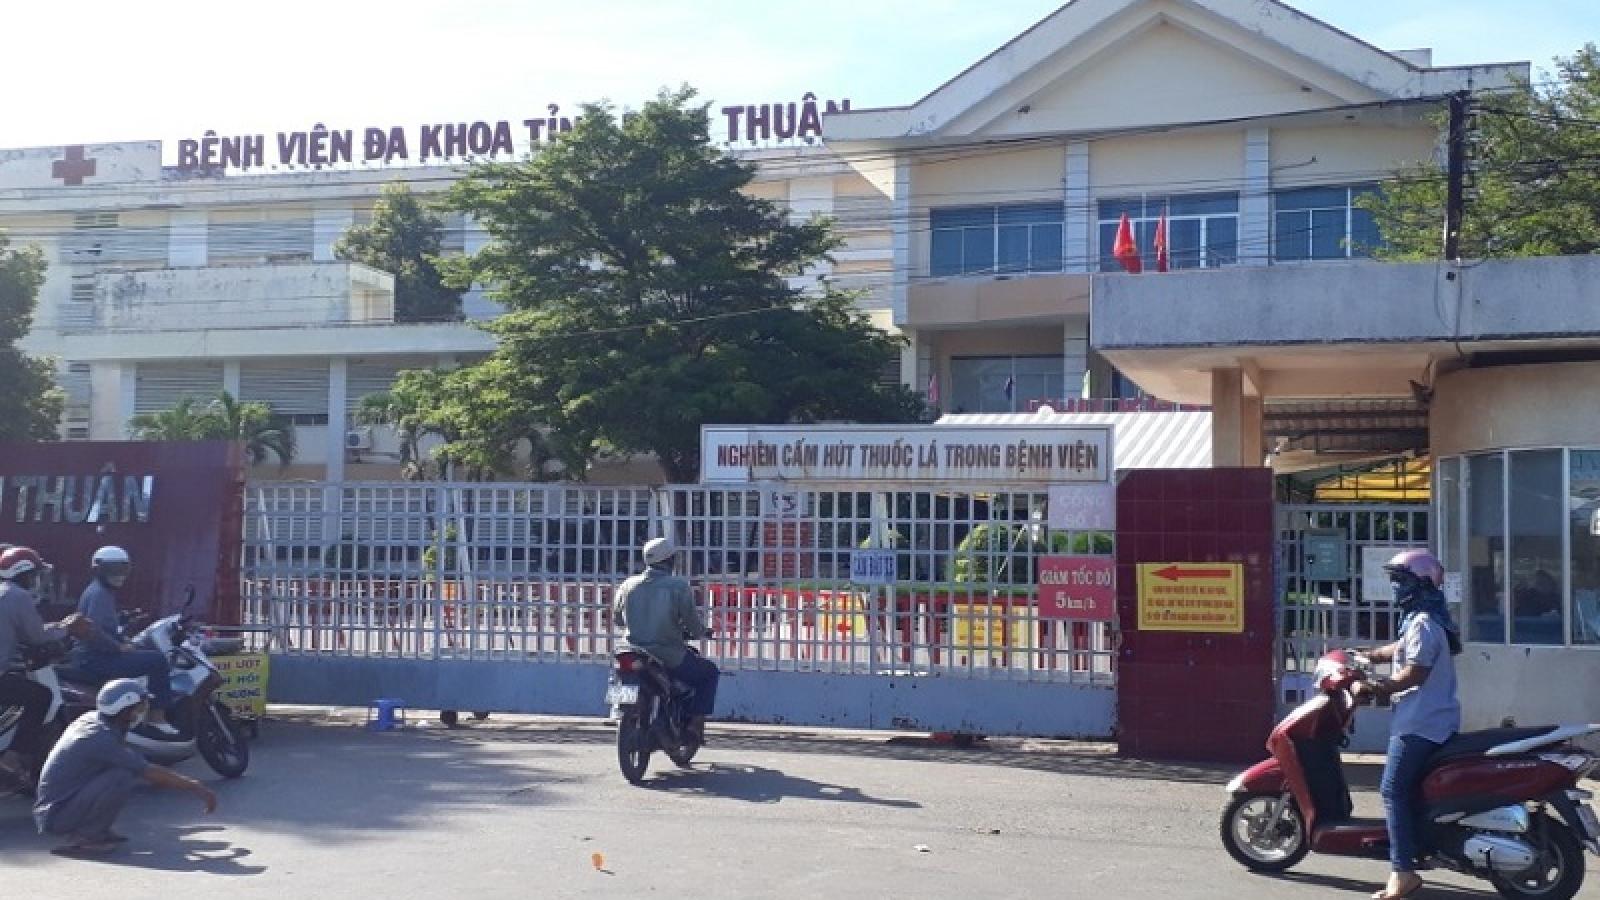 Bệnh viện Đa khoa tỉnh Bình Thuận thông tin vụ hàng trăm người chui rào ra viện